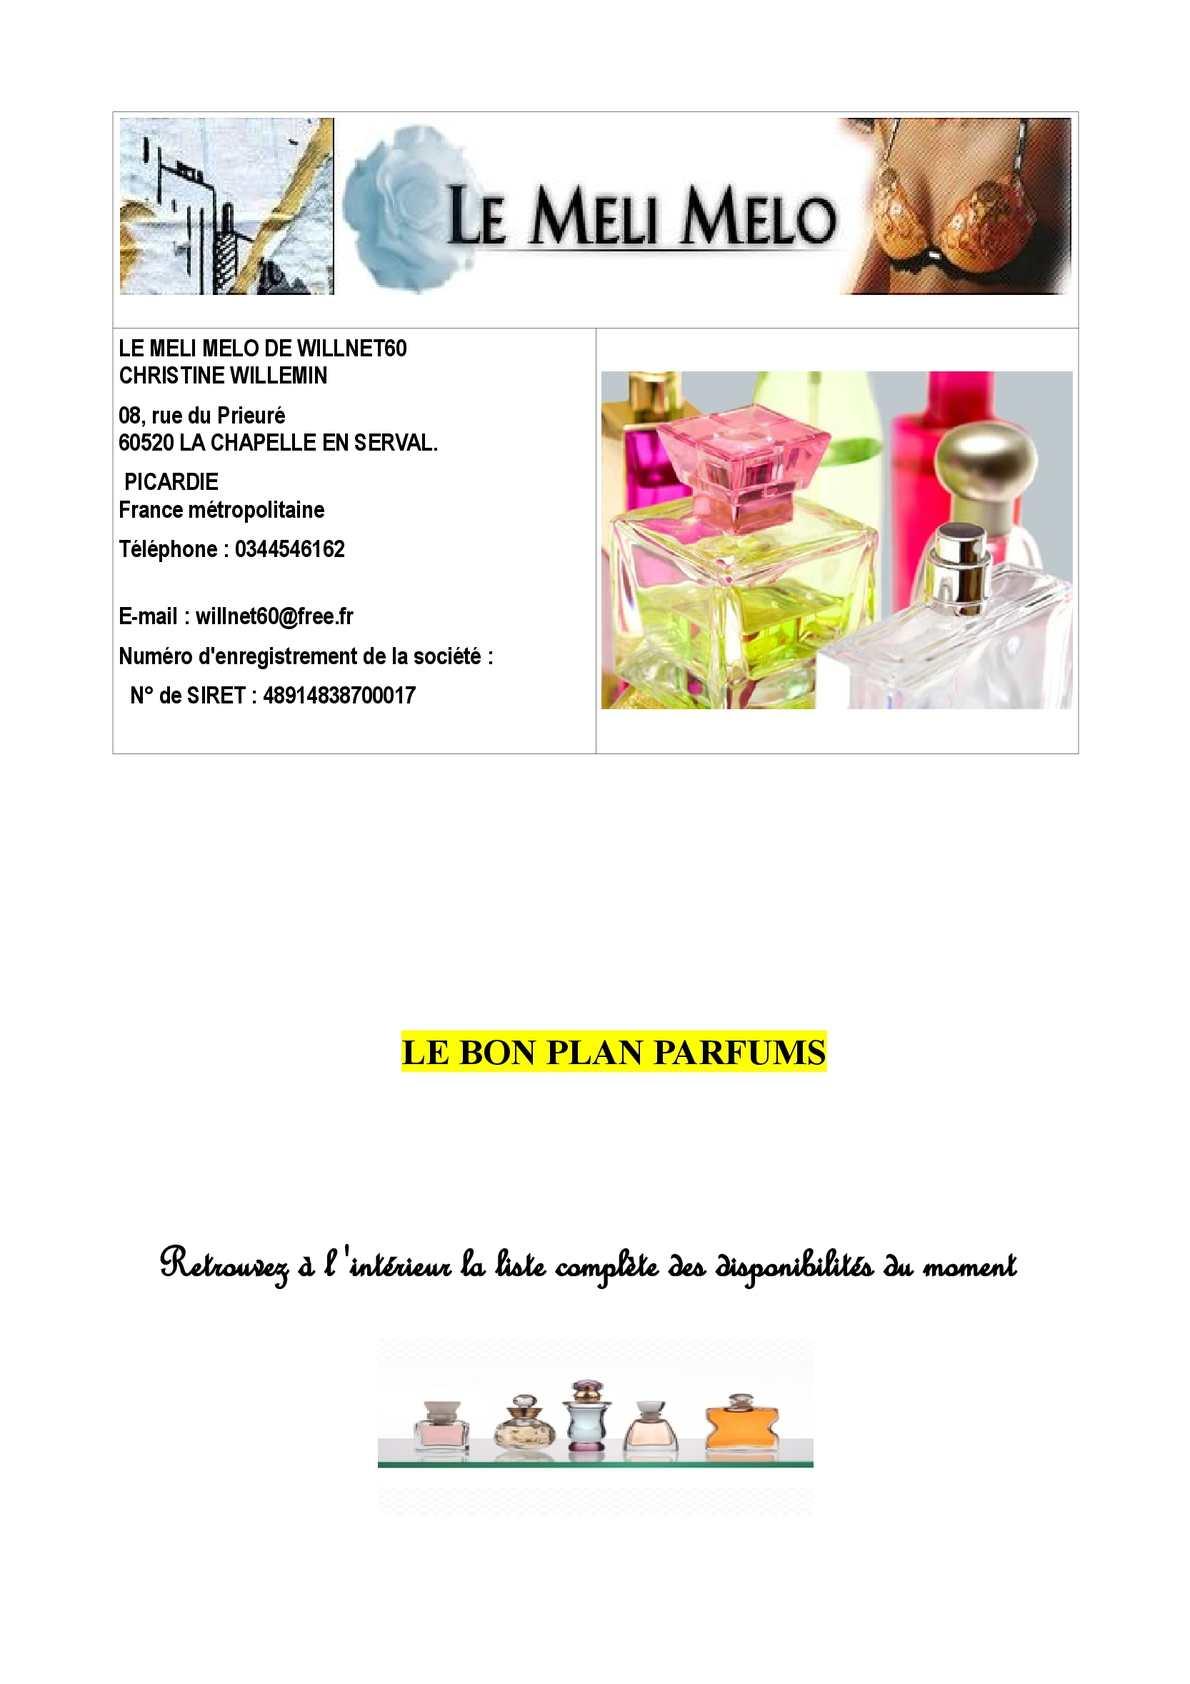 Calam o parfums de grandes marques prix discount - Vente privee grande marque a prix discount ...